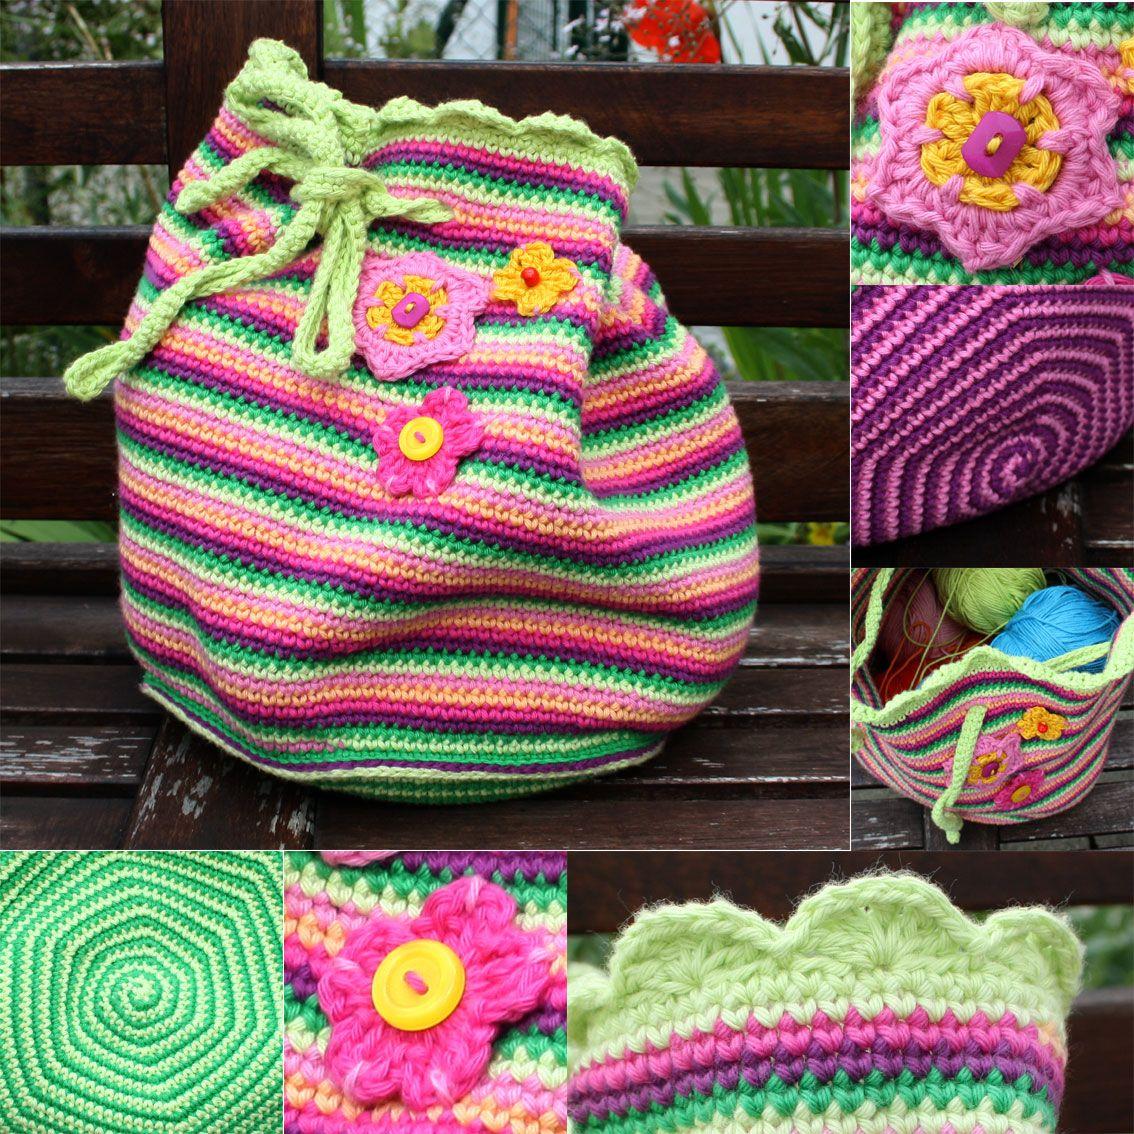 kleine STICHE: häkeltaschen | GENTUTE ILINCA | Pinterest ...